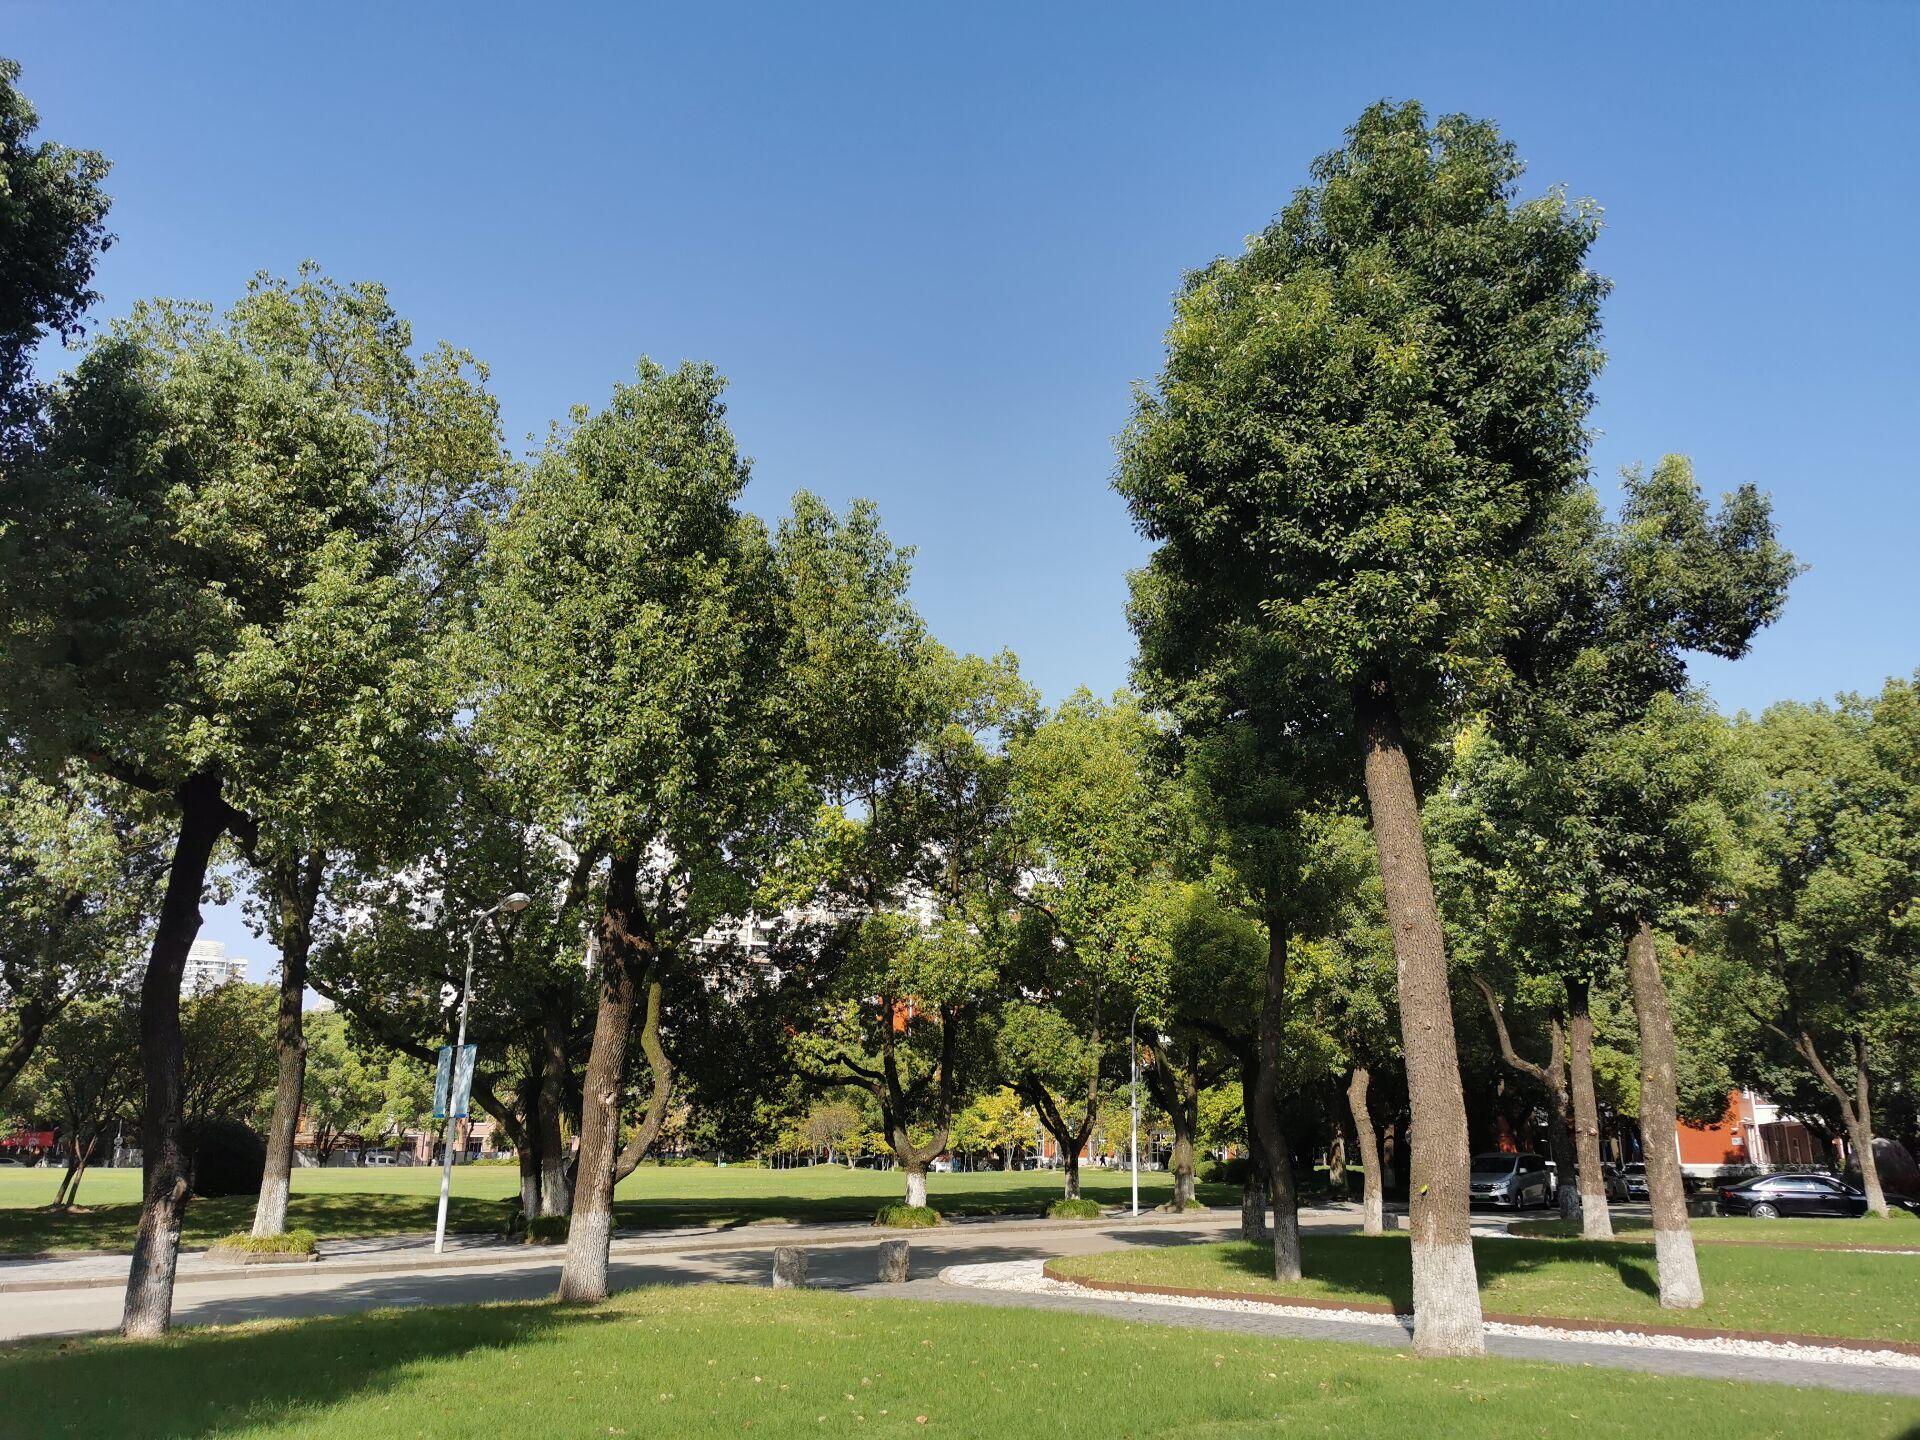 上海大学延长校区重游新拍4.jpg